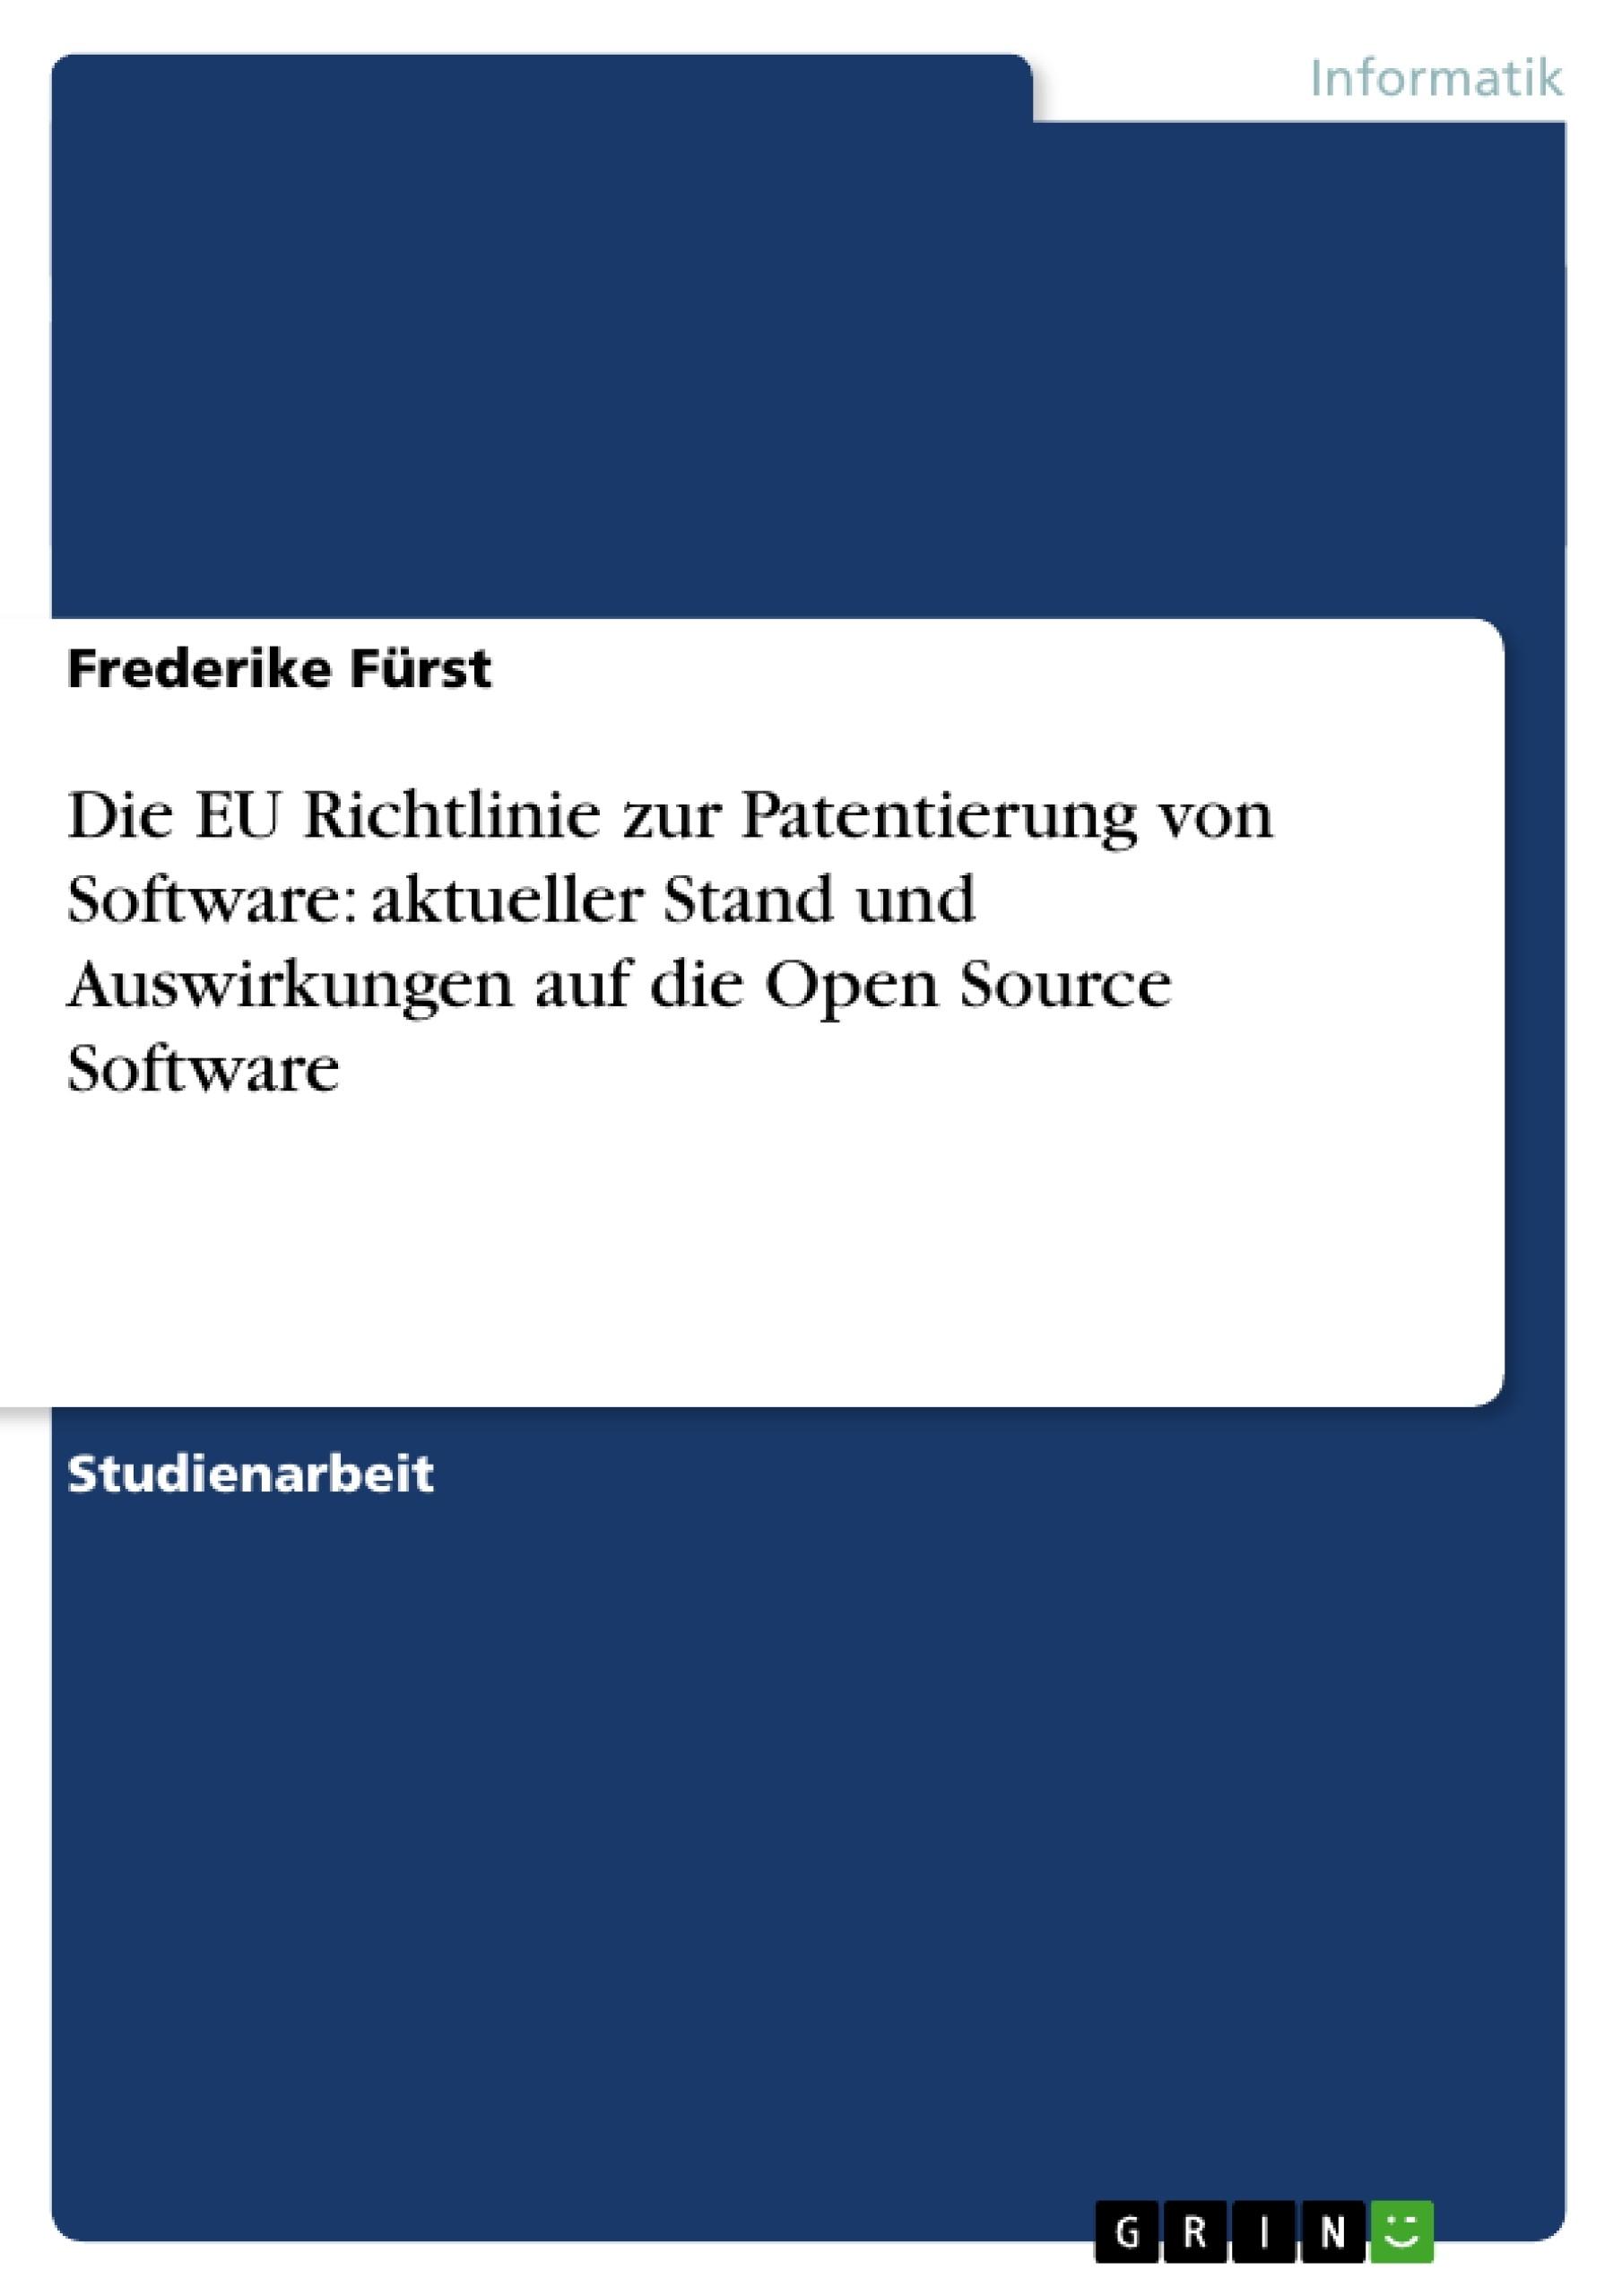 Titel: Die EU Richtlinie zur Patentierung von Software: aktueller Stand und Auswirkungen auf die Open Source Software